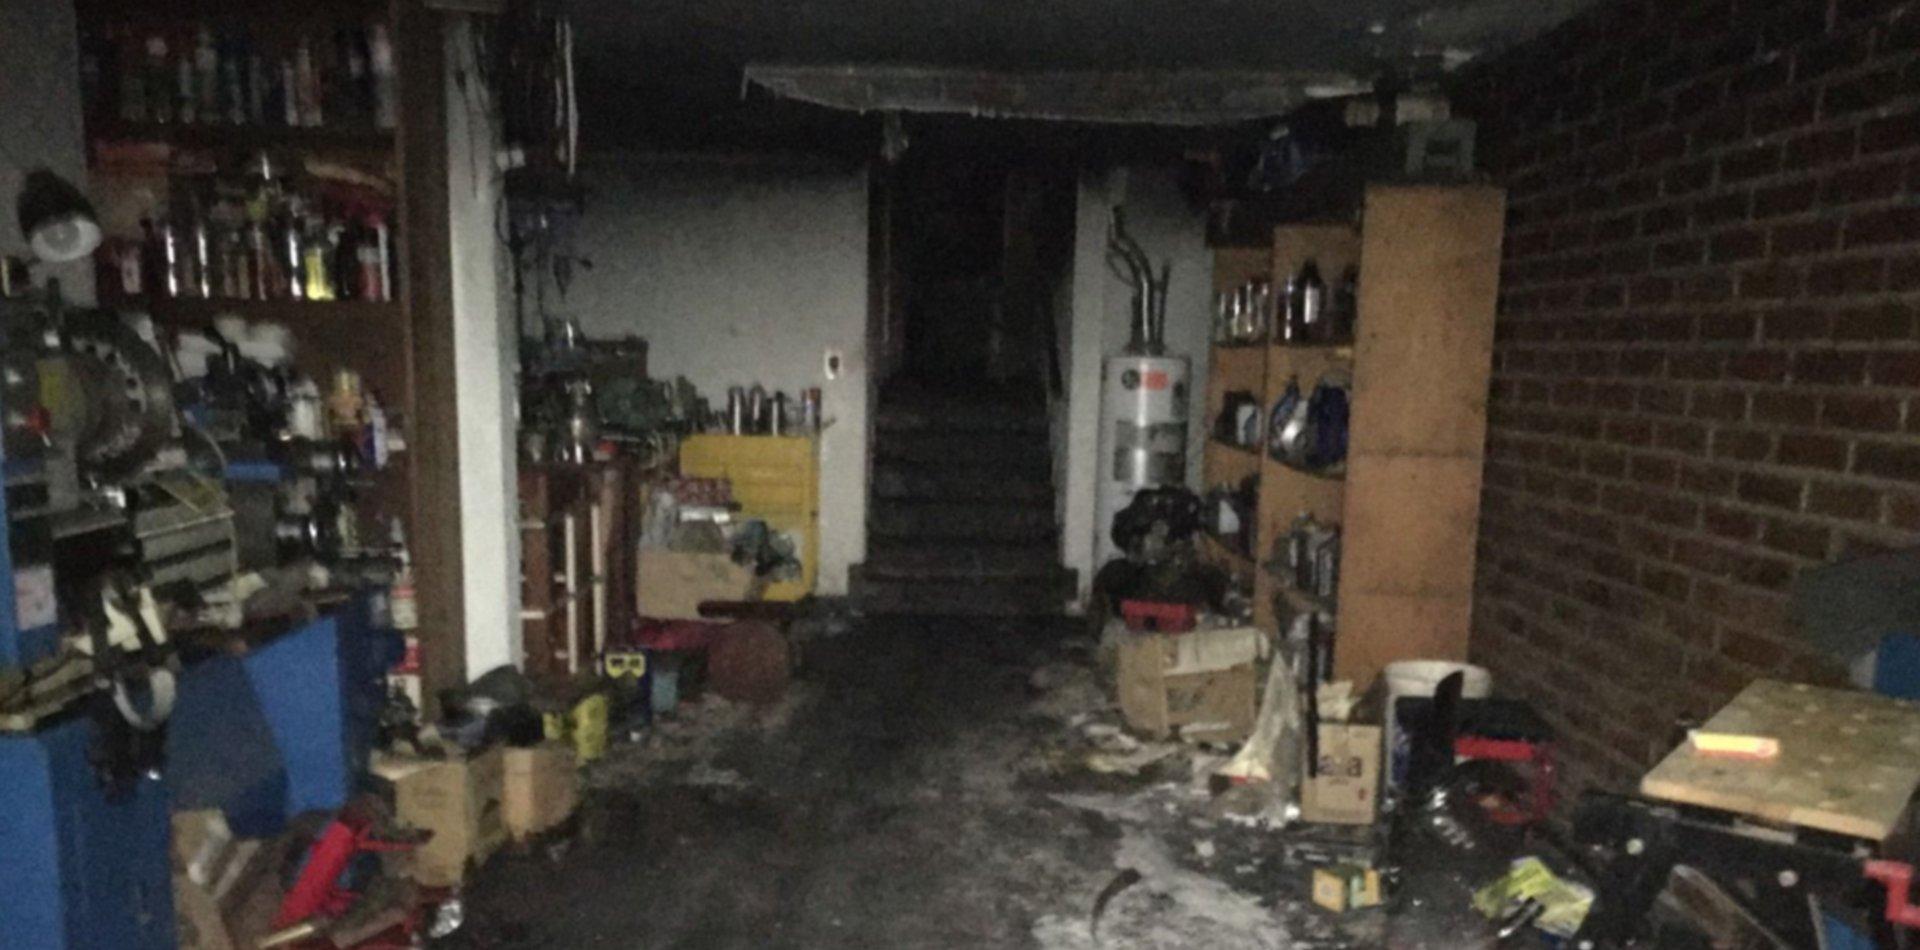 Murió un hombre en La Plata al quedar atrapado en el incendio de su casa